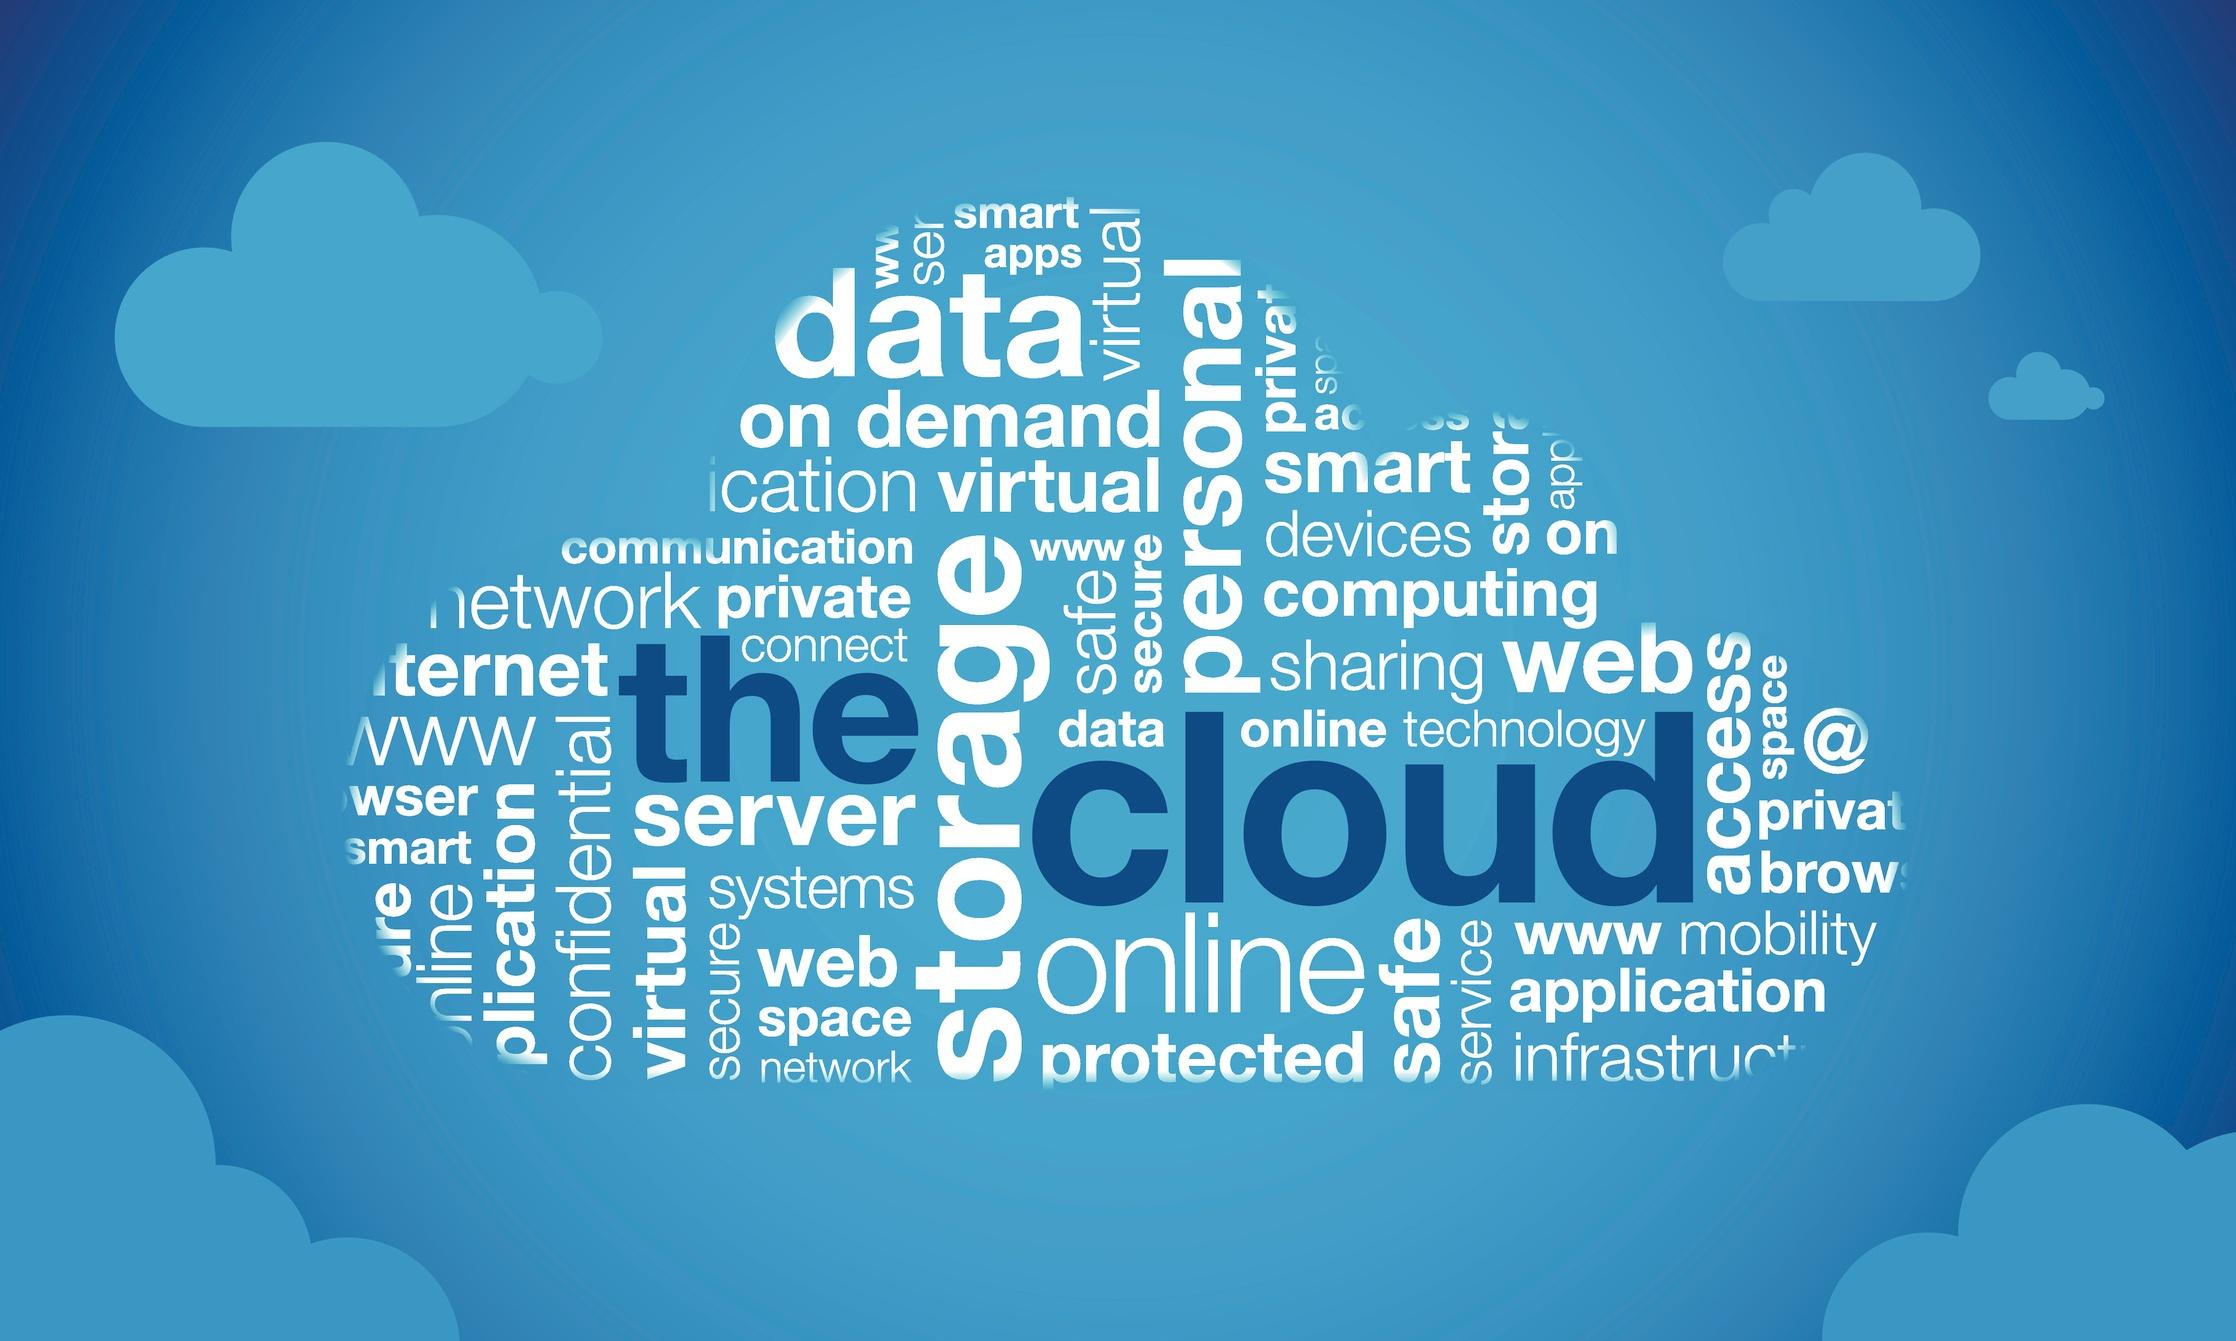 Word Cloud.jpg